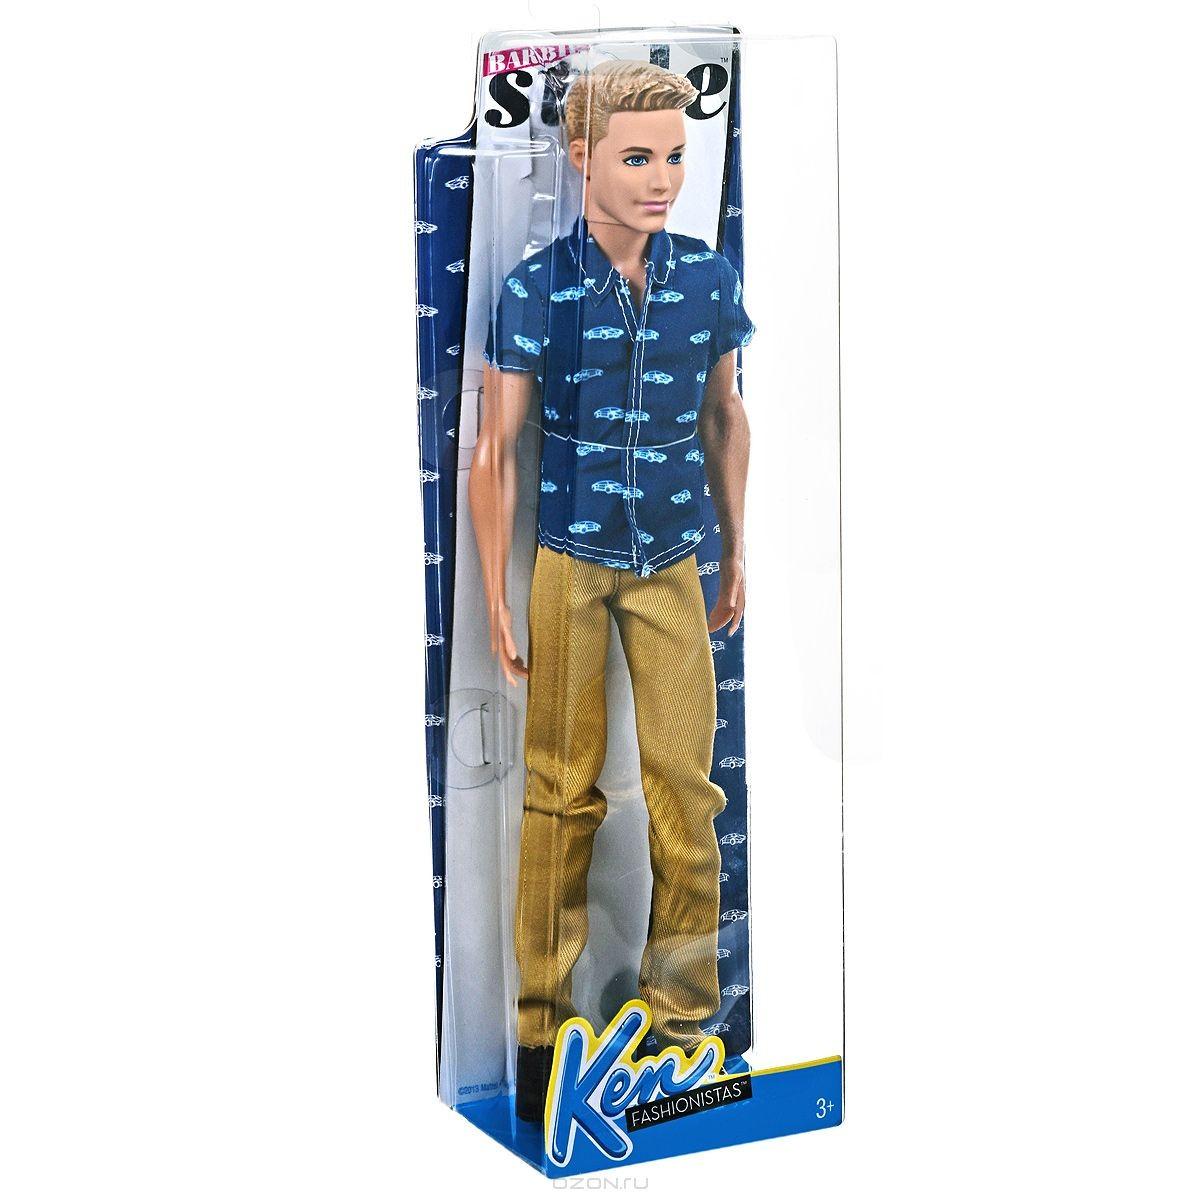 Кукла Кен блондин